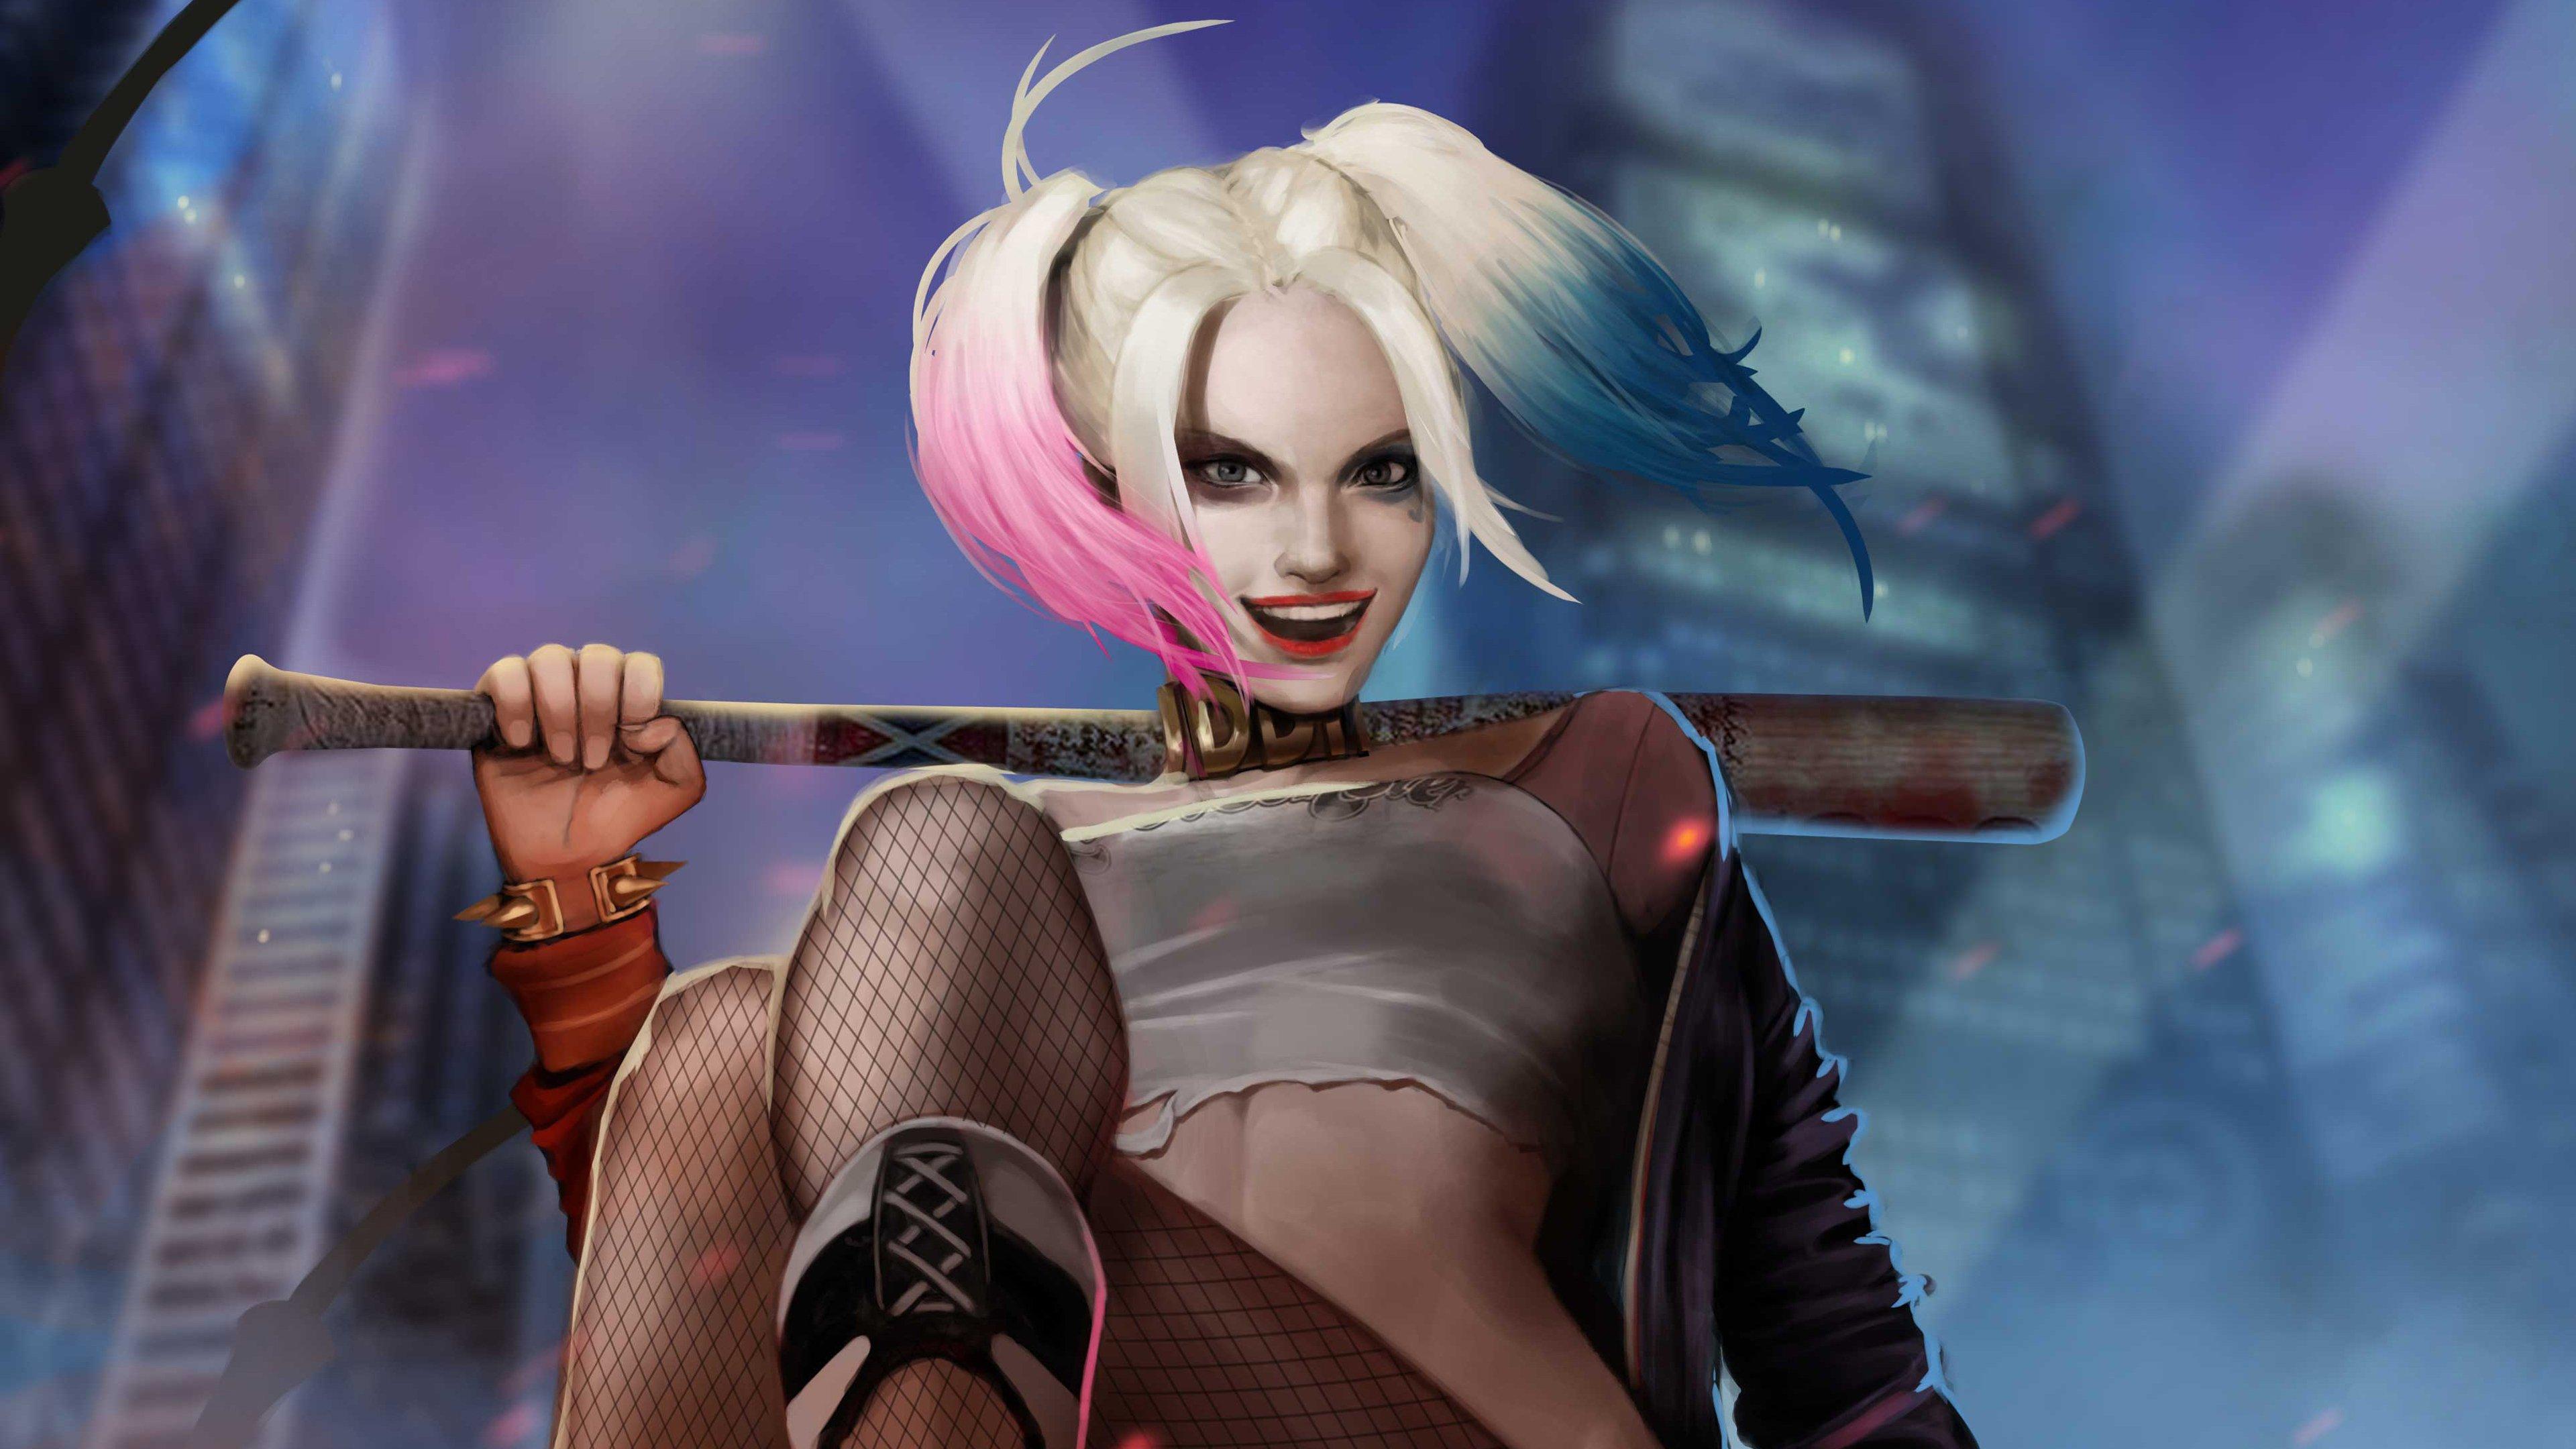 Fondos de pantalla Harley Quinn con bate en ciudadFanart